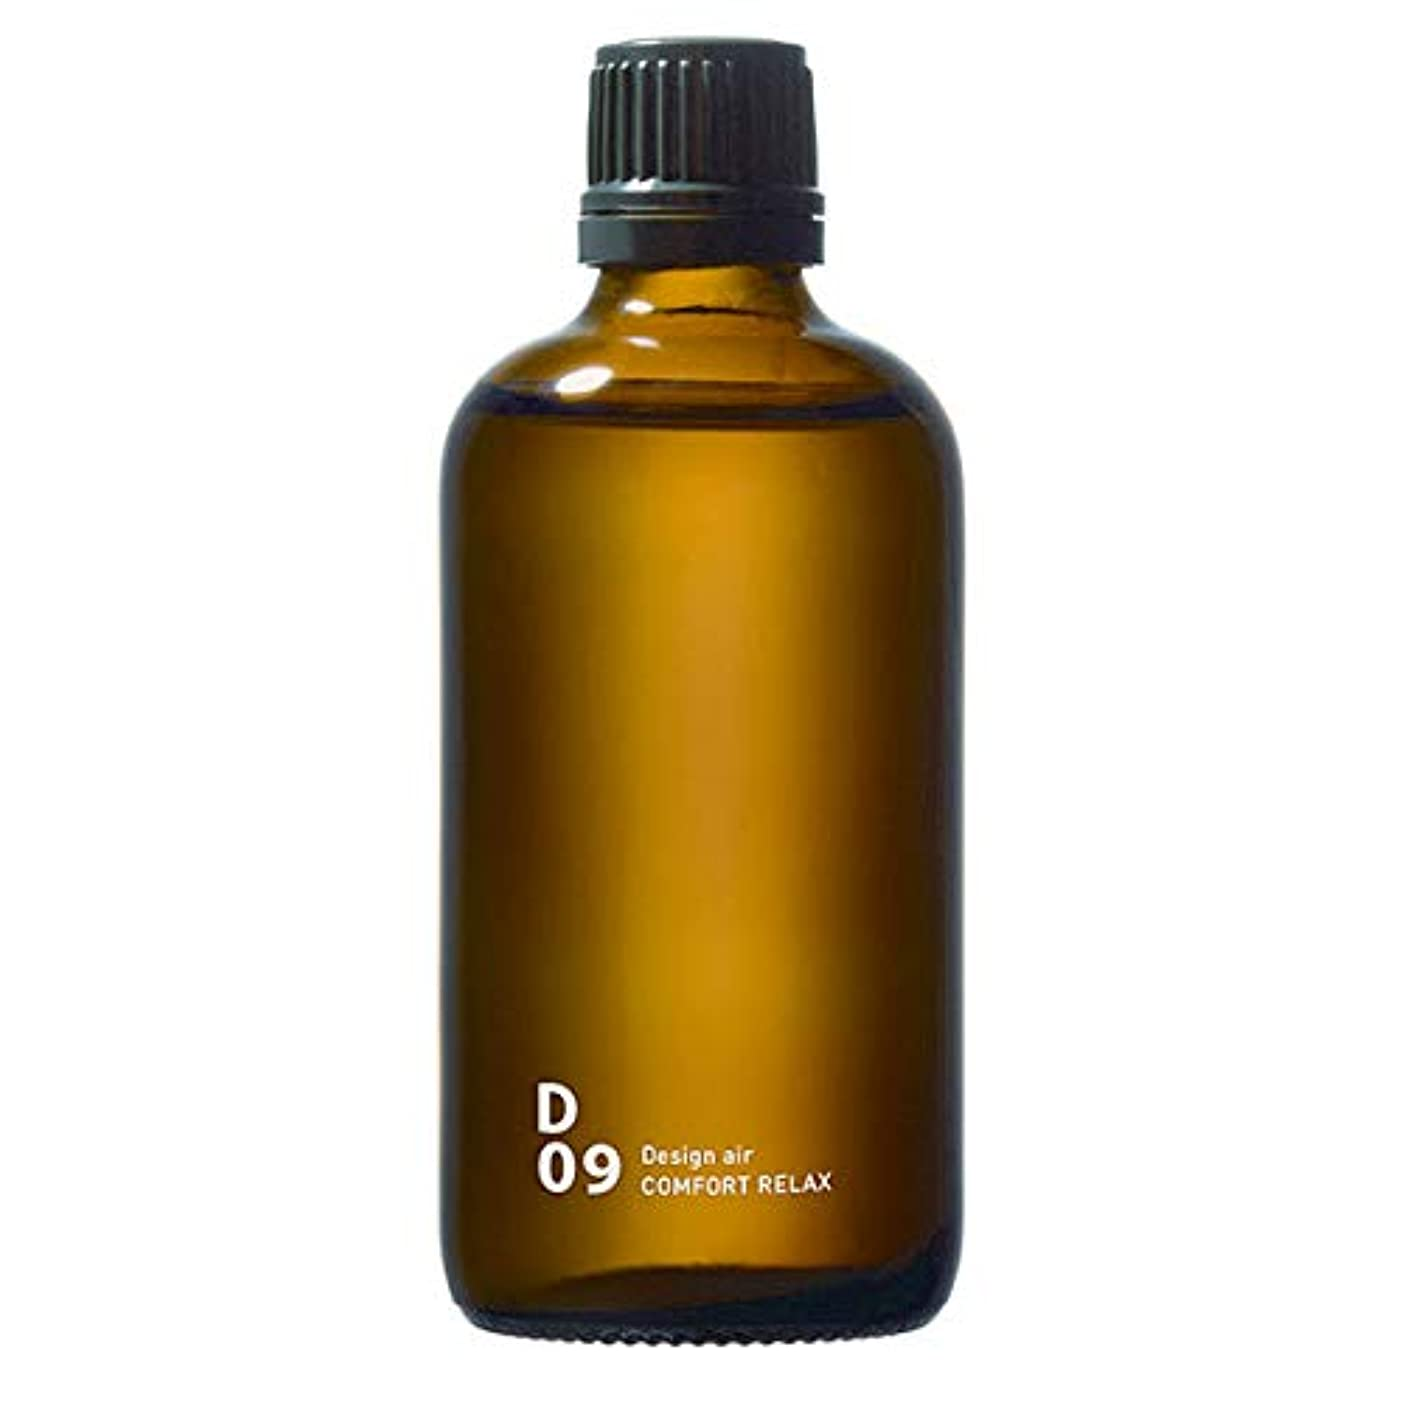 リンス優雅神のD09 COMFORT RELAX piezo aroma oil 100ml